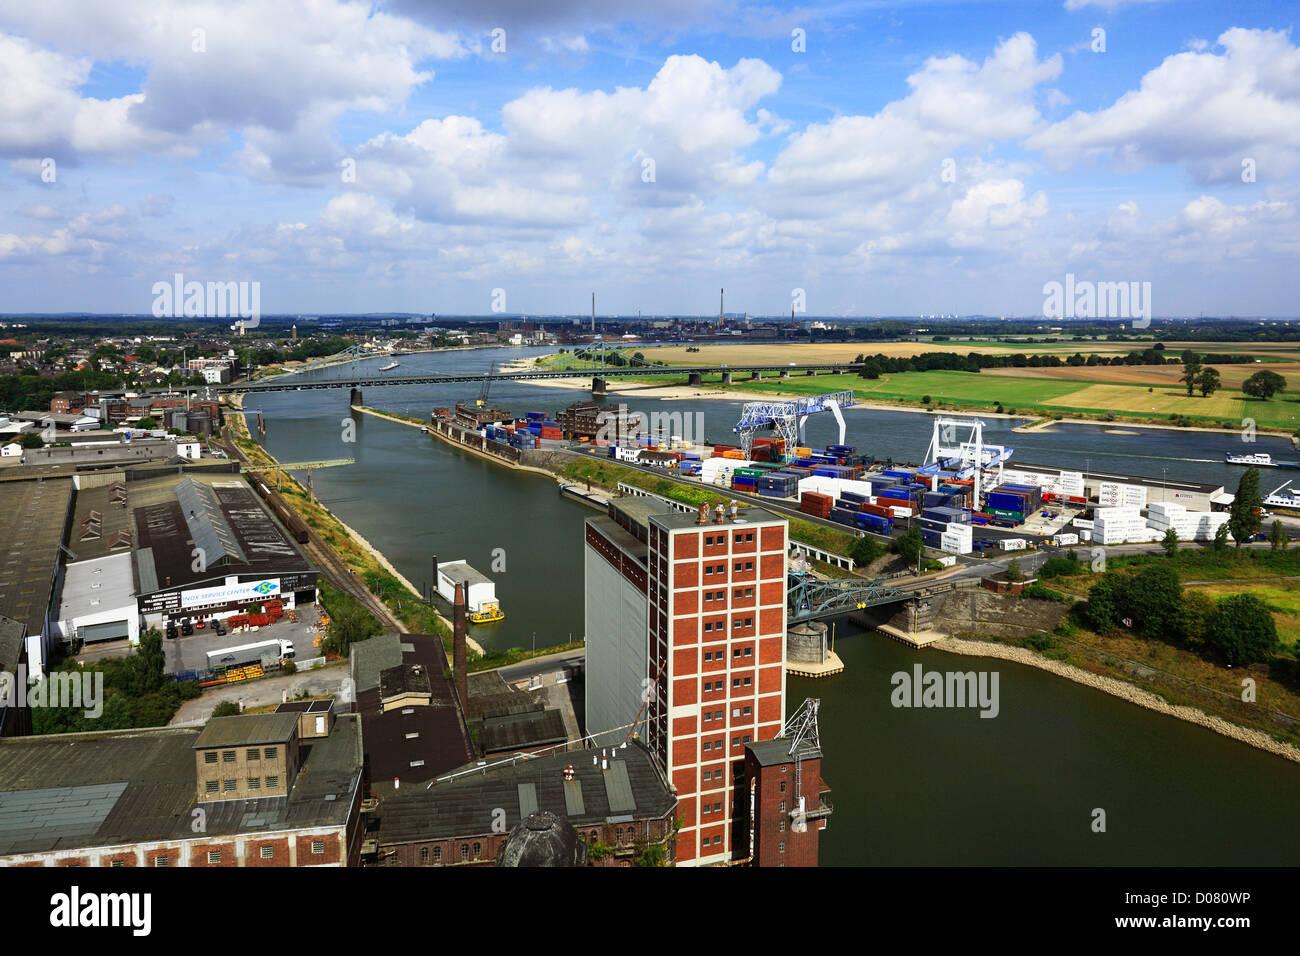 Panoramablick ueber den Rheinhafen Krefeld und die Rheinbruecke zwischen Krefeld-Uerdingen und Duisburg-Muendelheim, - Stock Image